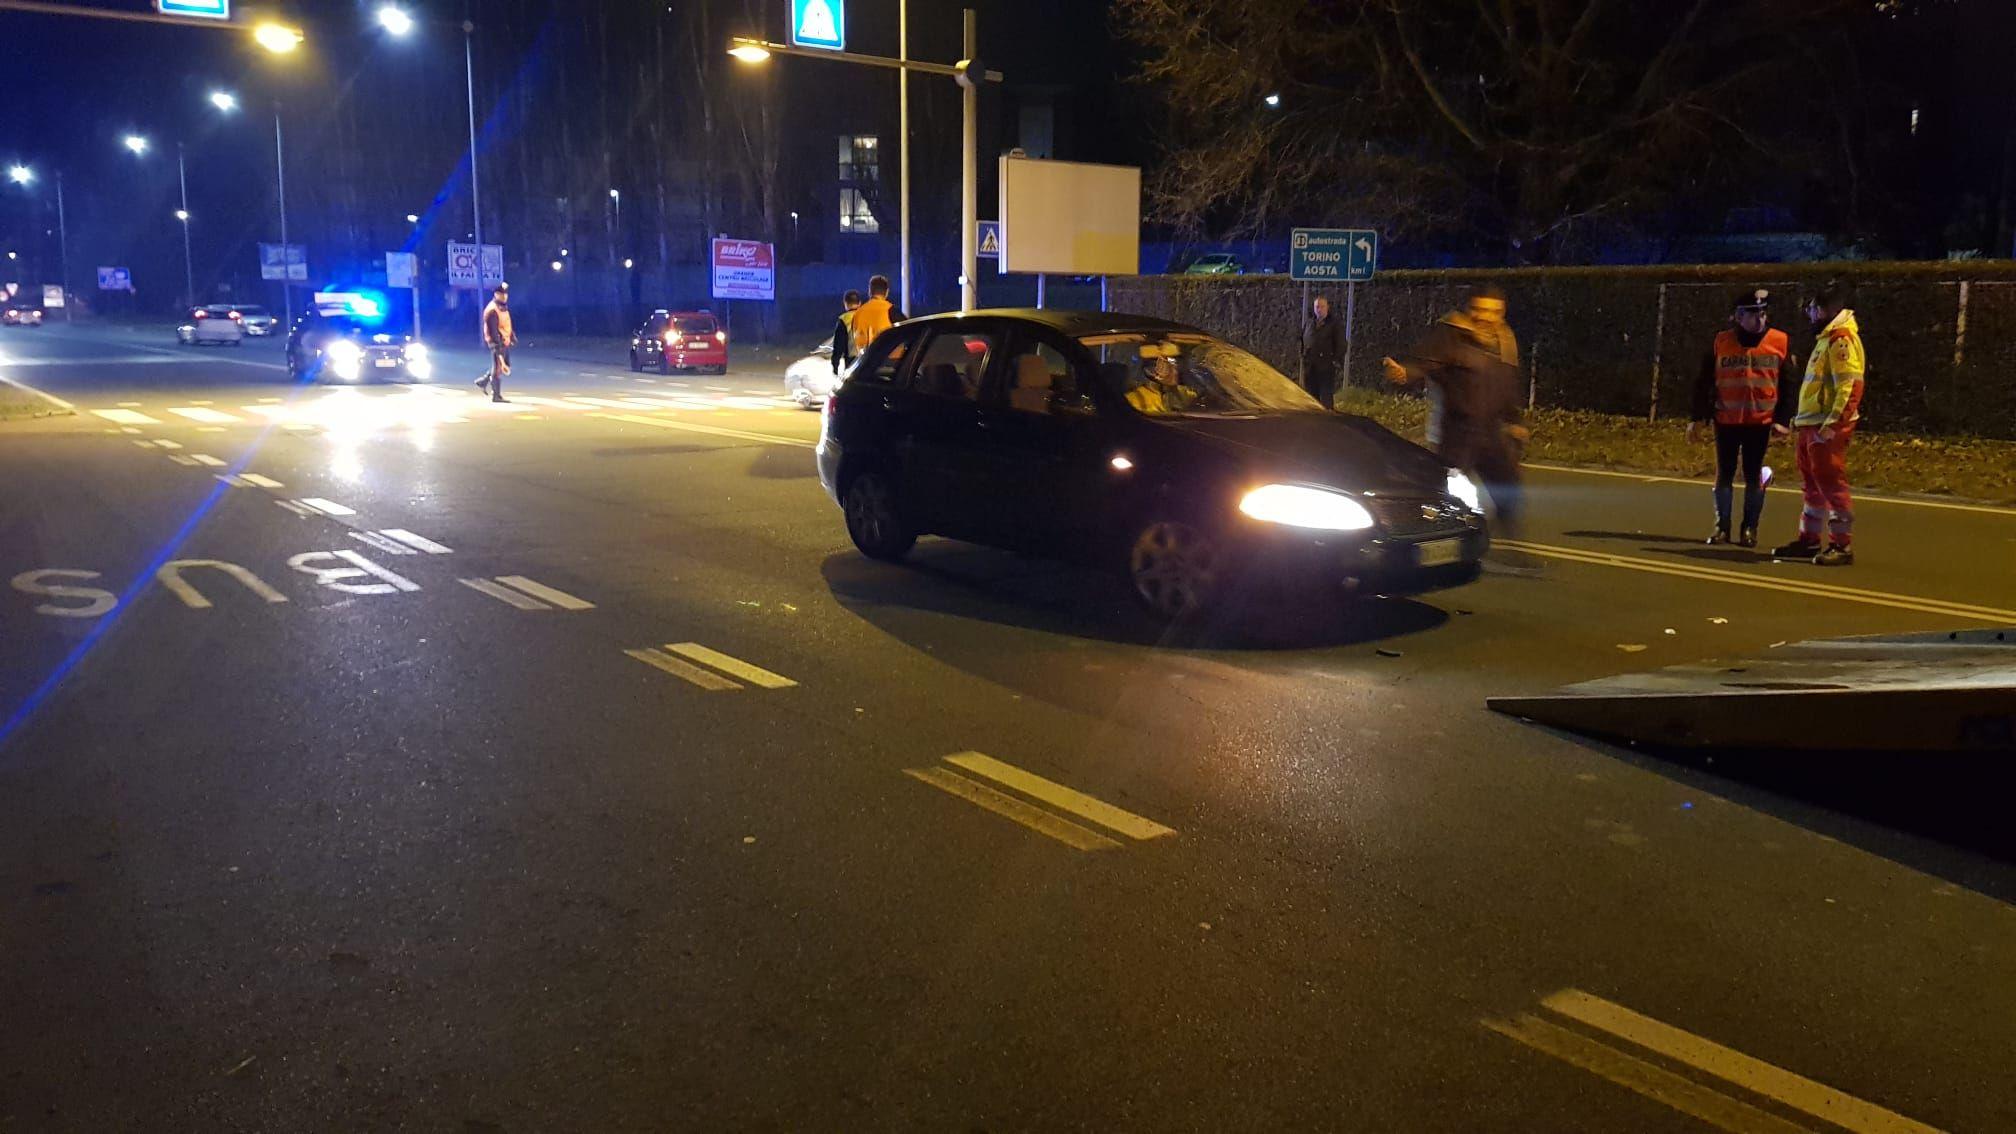 TRAGEDIA A IVREA - E' morta anche la seconda donna investita sabato sera in via Jervis - FOTO e VIDEO